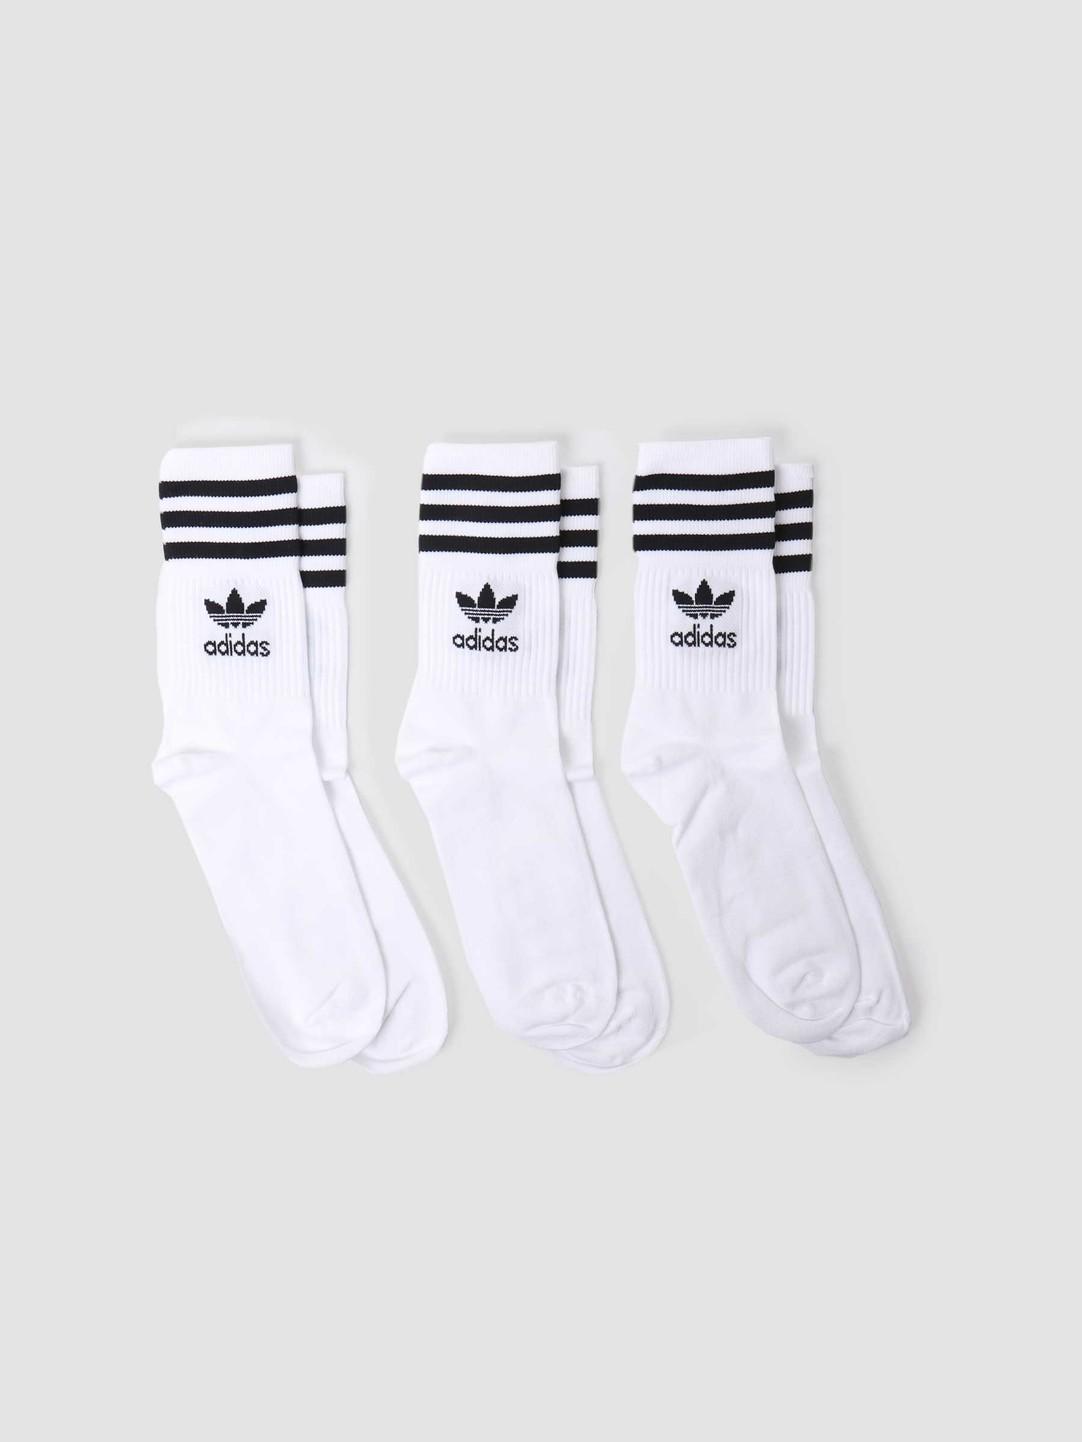 adidas adidas U Mid Cut Crew Sock White Black GD3575